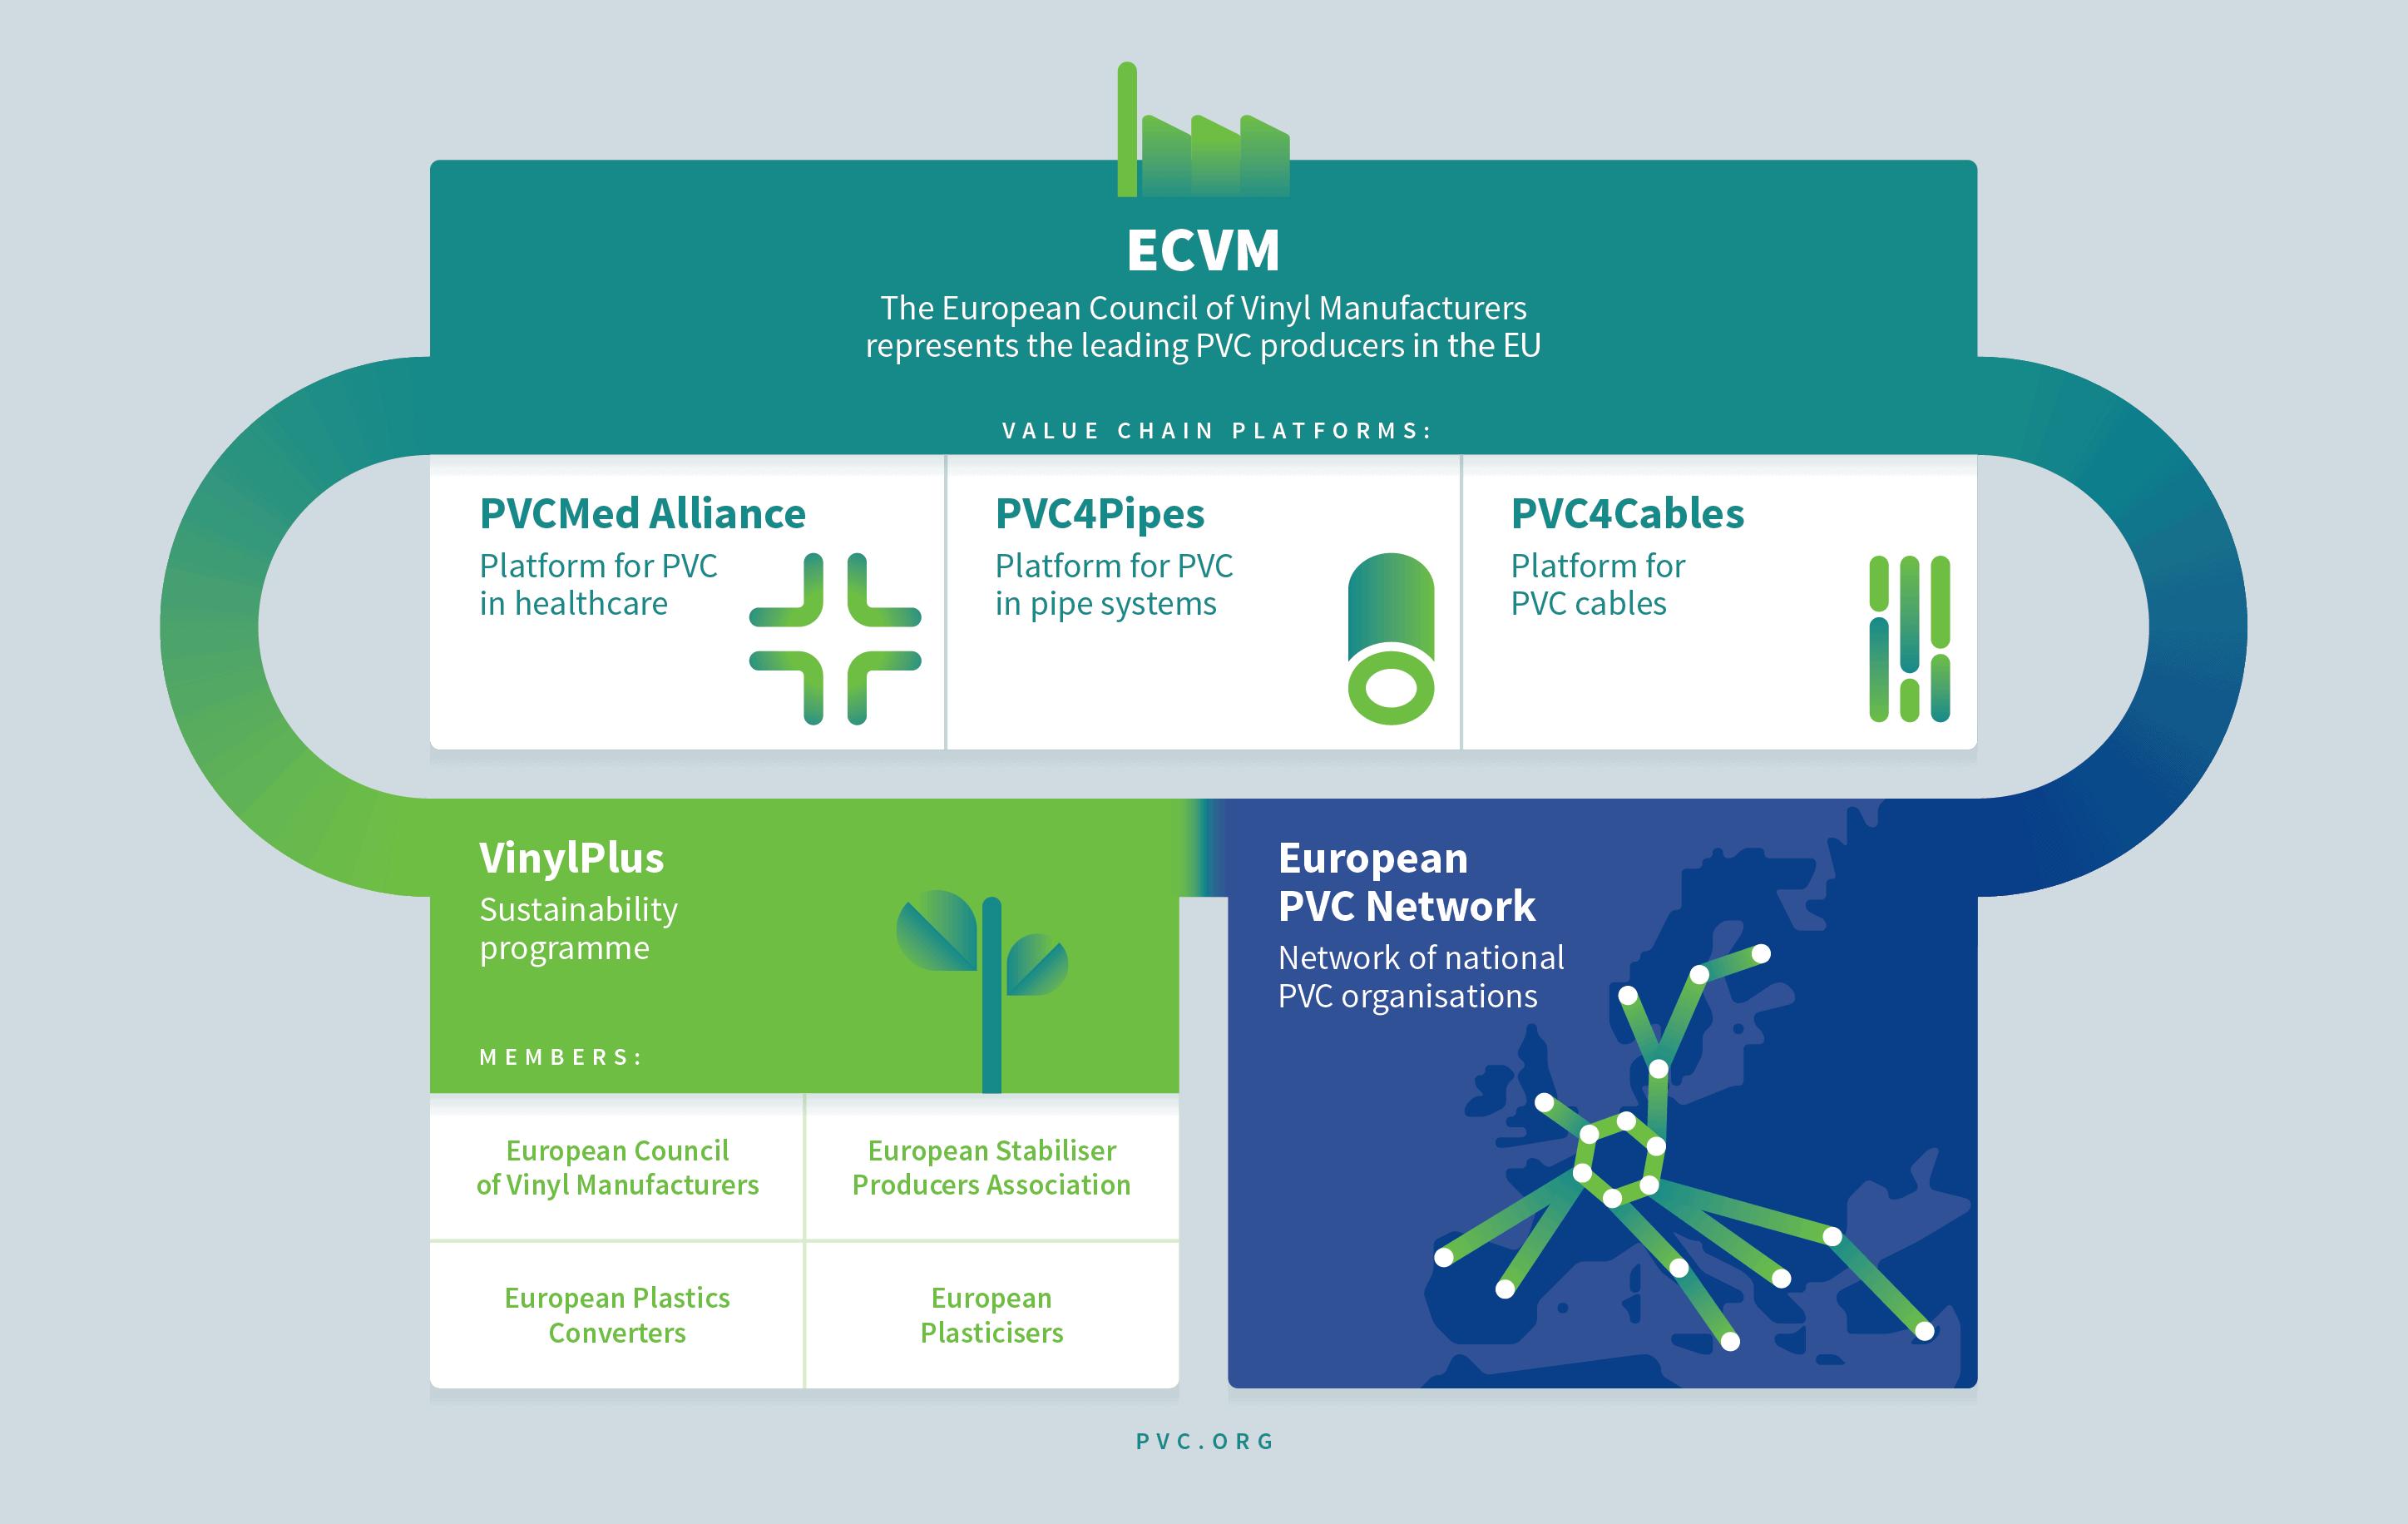 ECVM organisation chart